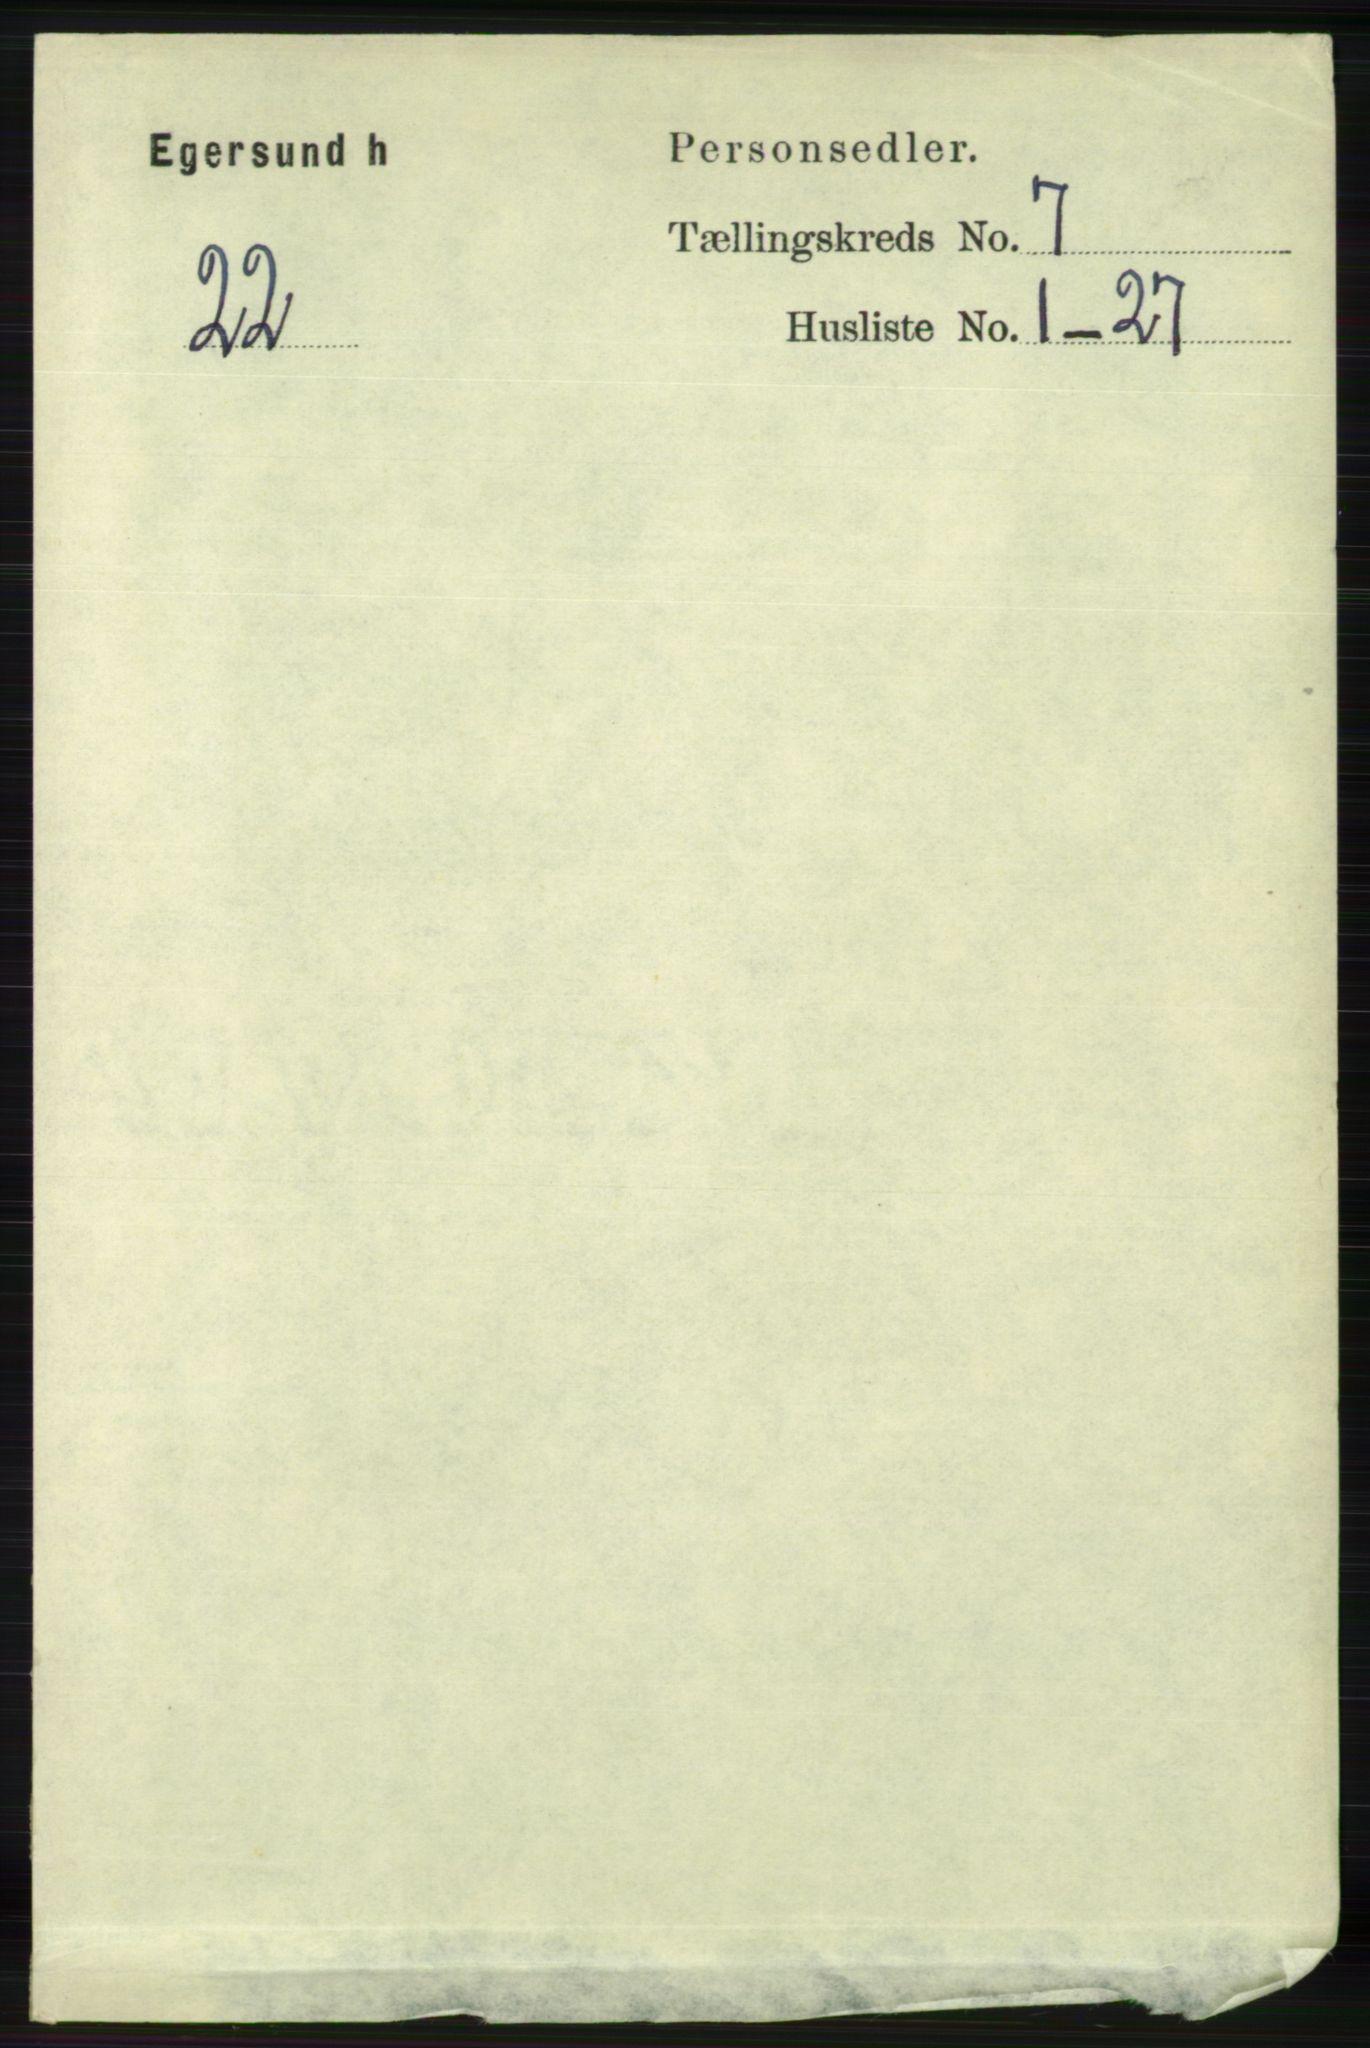 RA, Folketelling 1891 for 1116 Eigersund herred, 1891, s. 2830